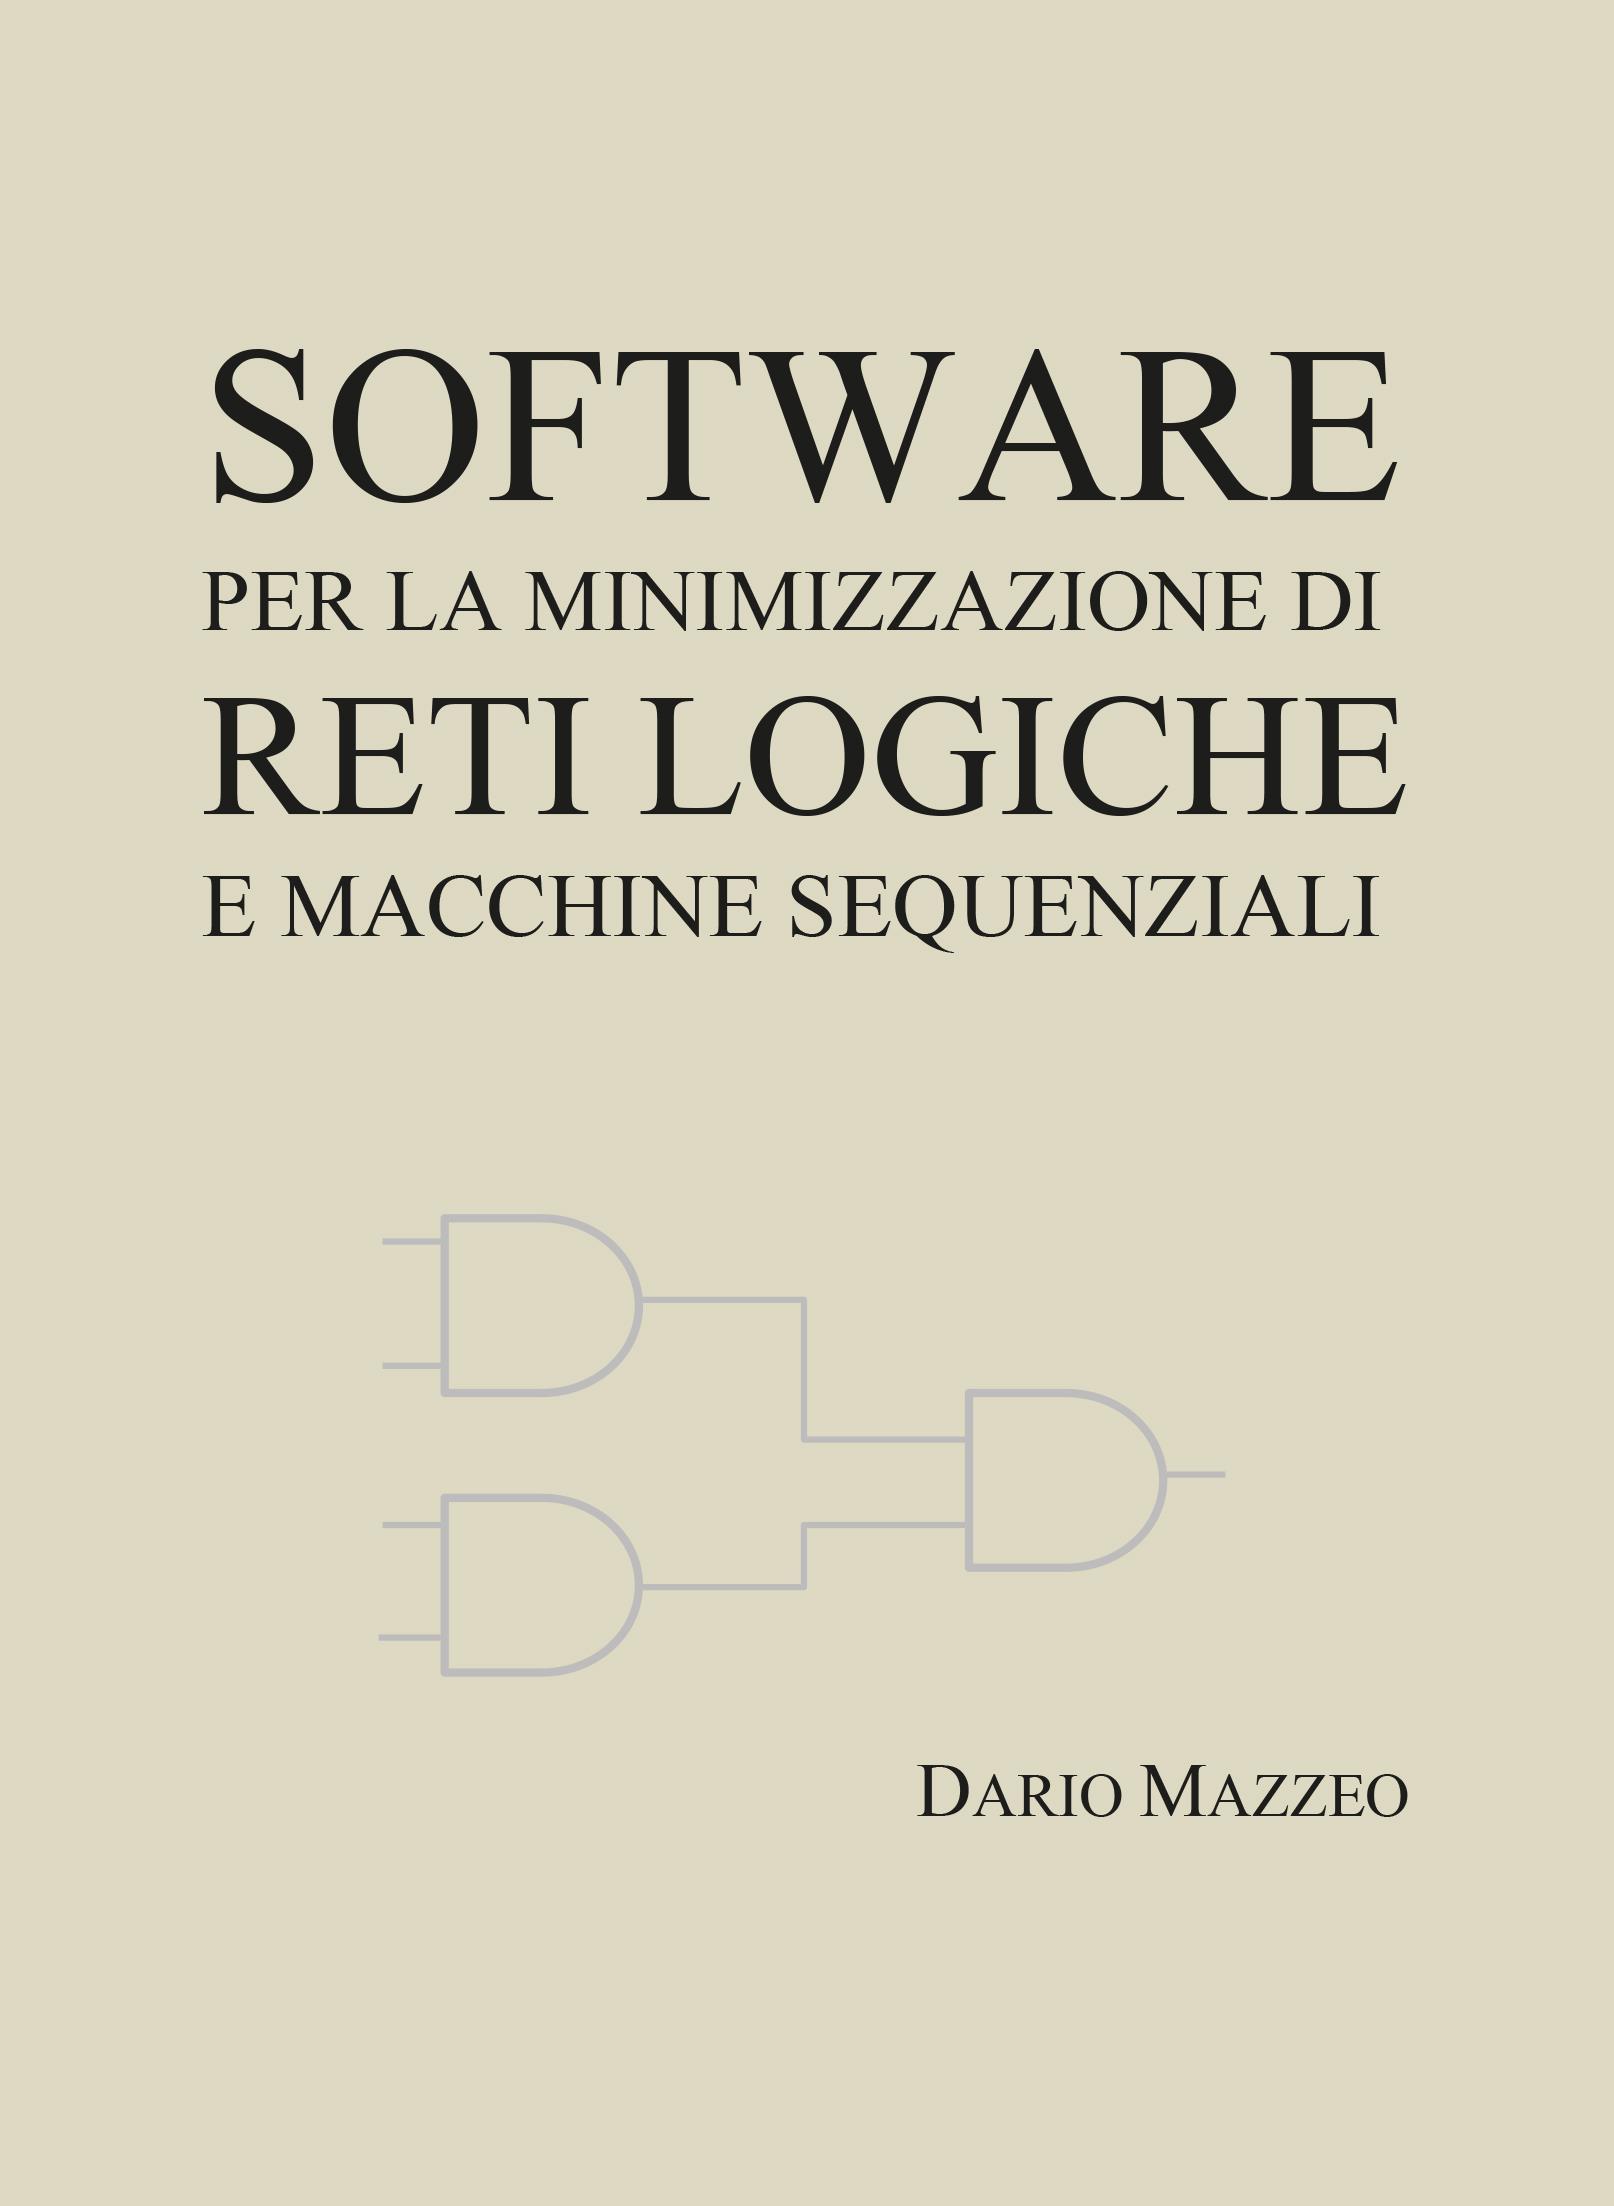 Software per la minimizzazione di reti logiche e macchine sequenziali